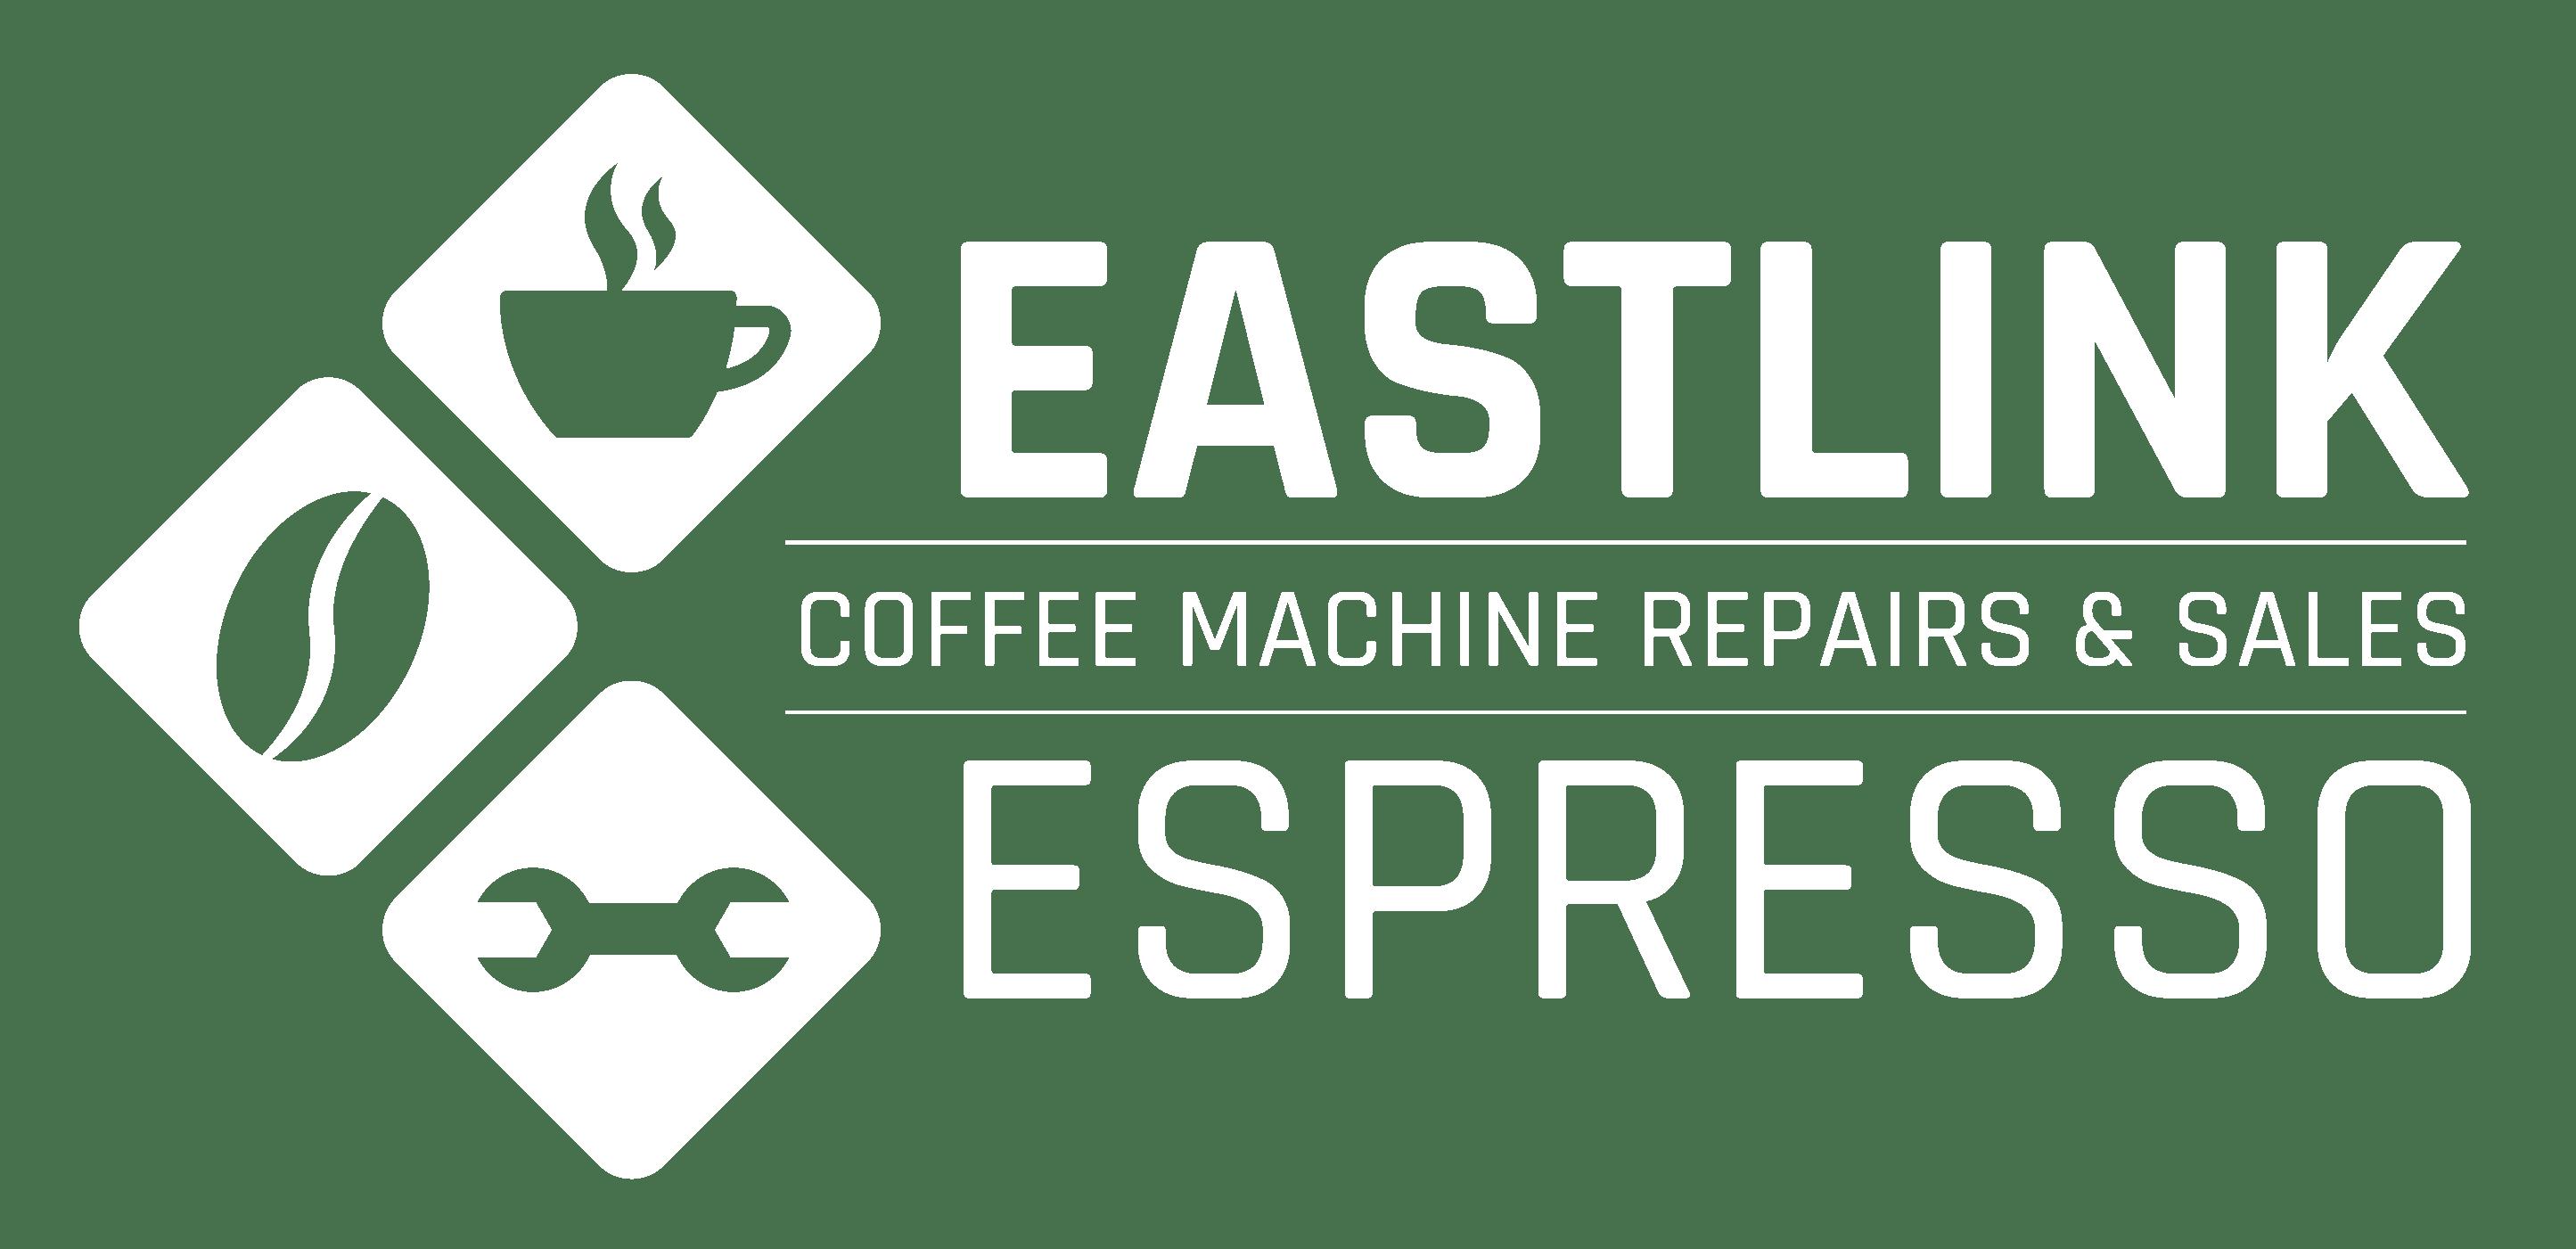 East Link Espresso